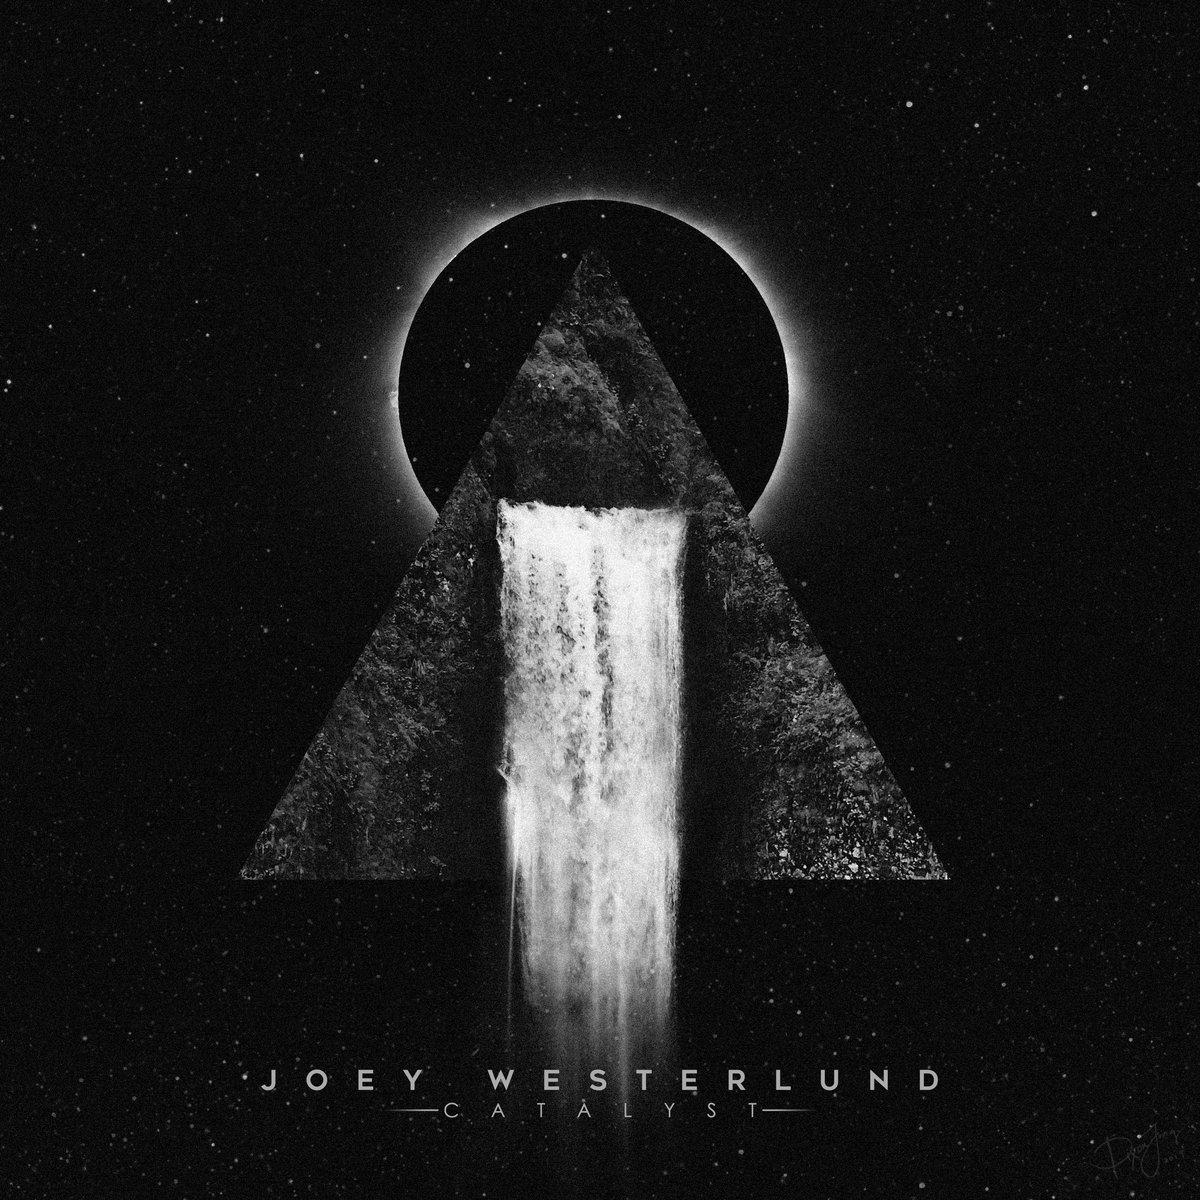 Joey Westerlund - Catalyst [EP] (2018)